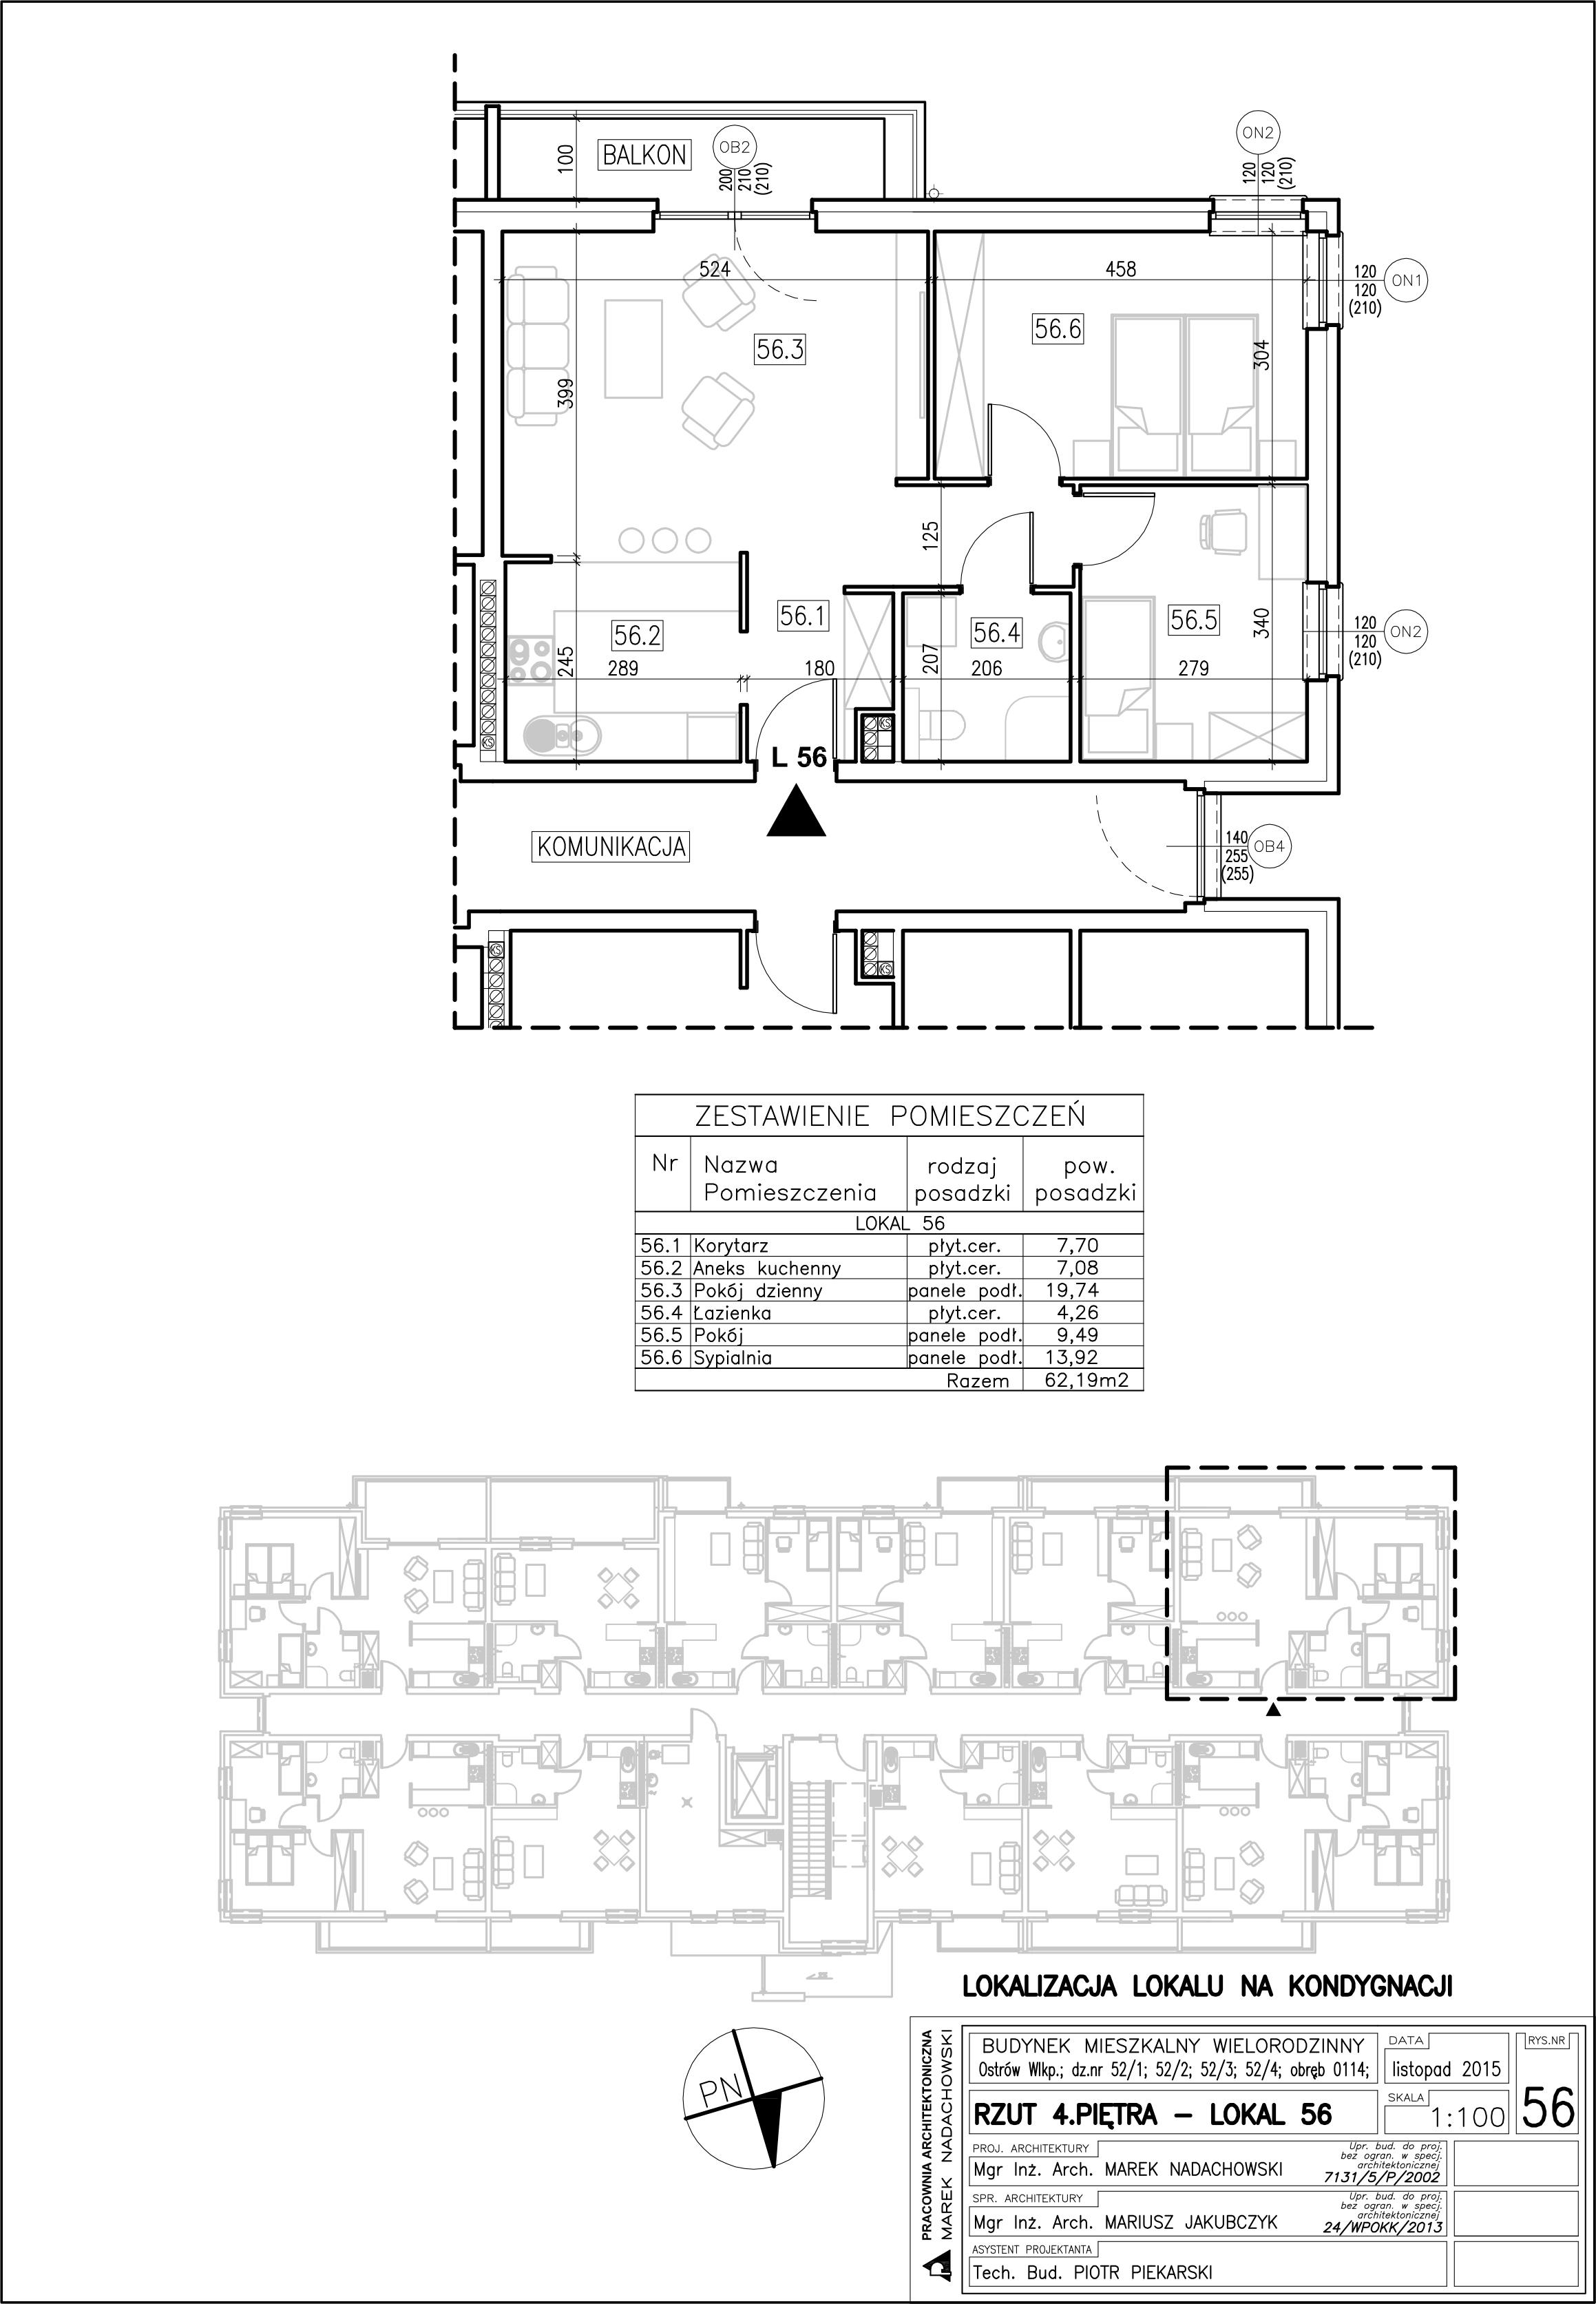 Lokal nr 56 Powierzchnia 62,19 m2